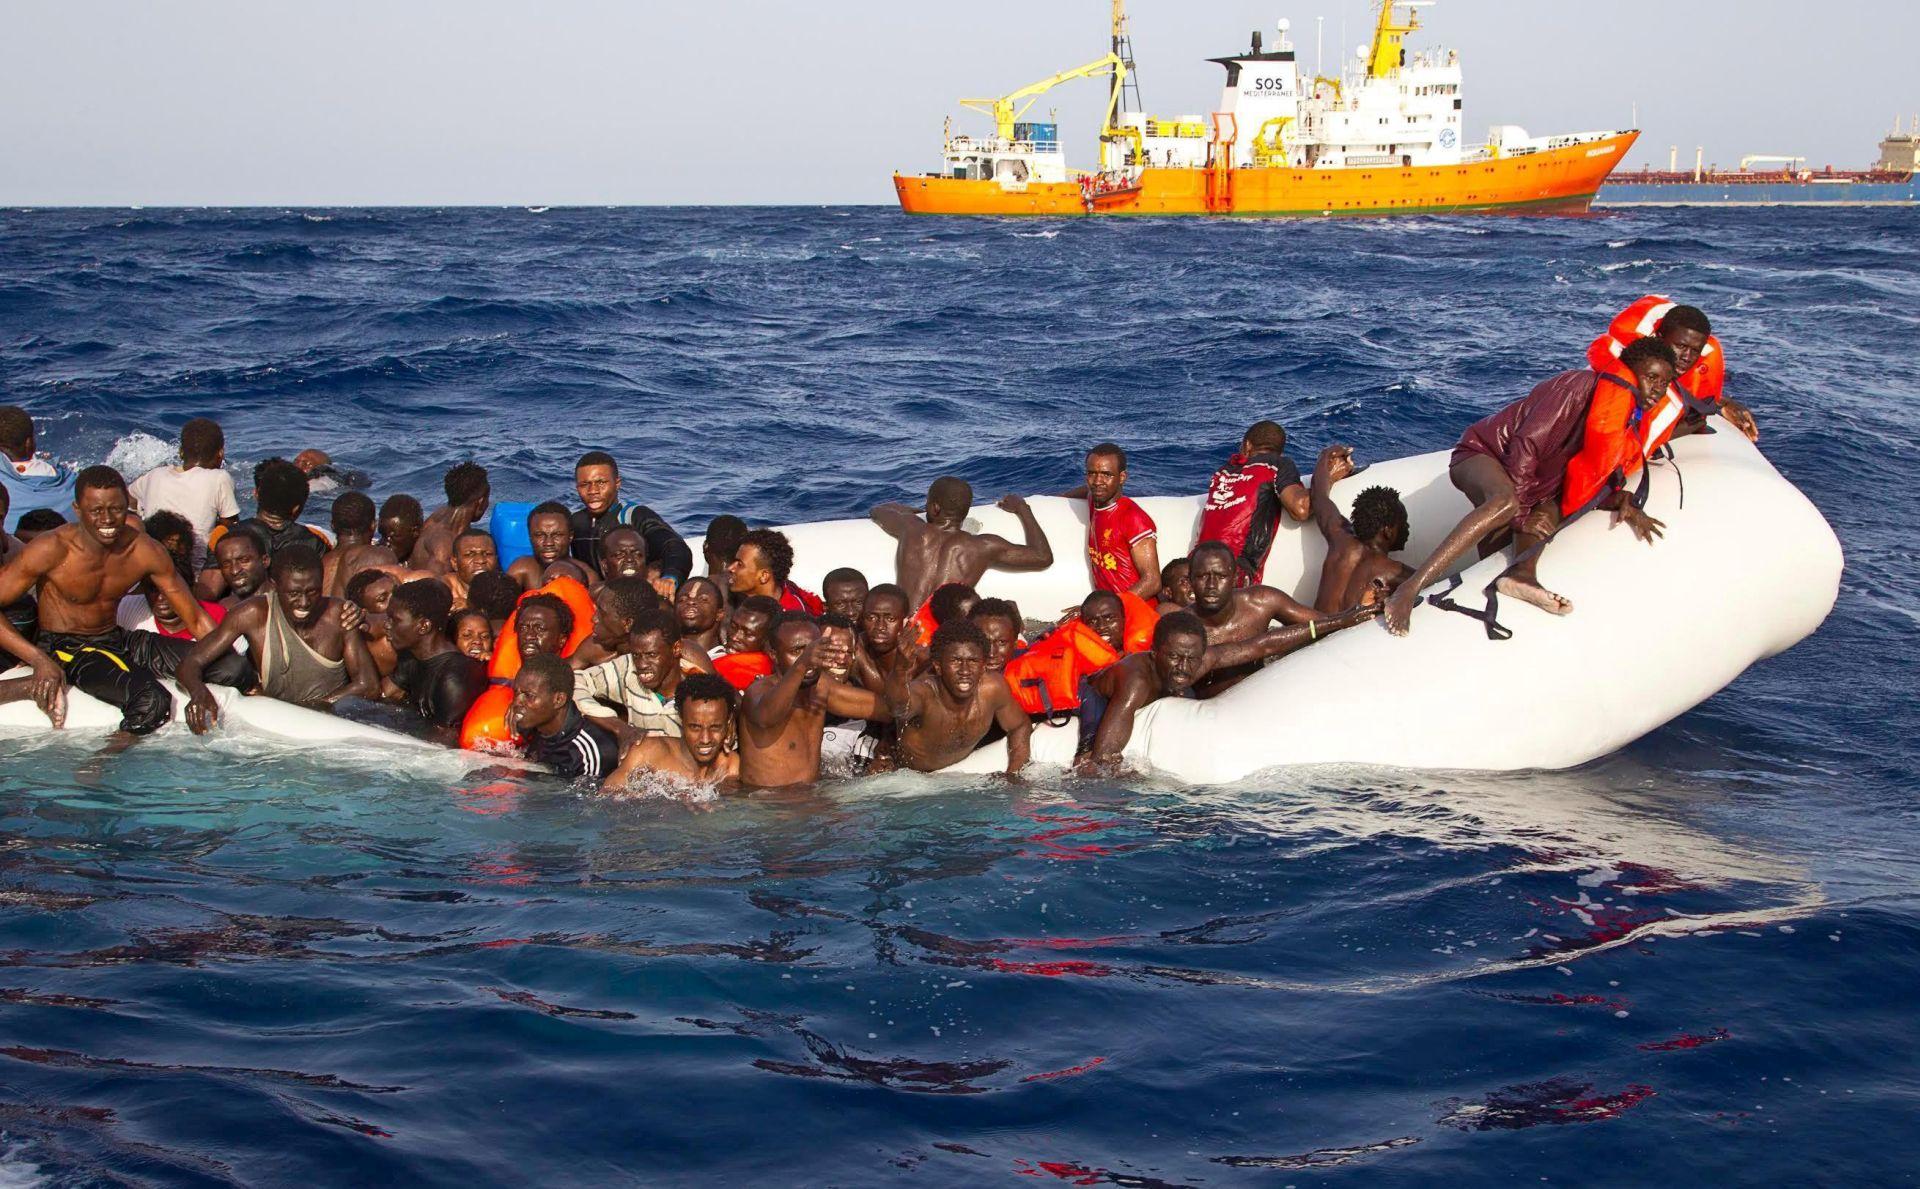 Italija: Tužitelji traže 18 godina za kapetana broda potonulog s 800 migranata